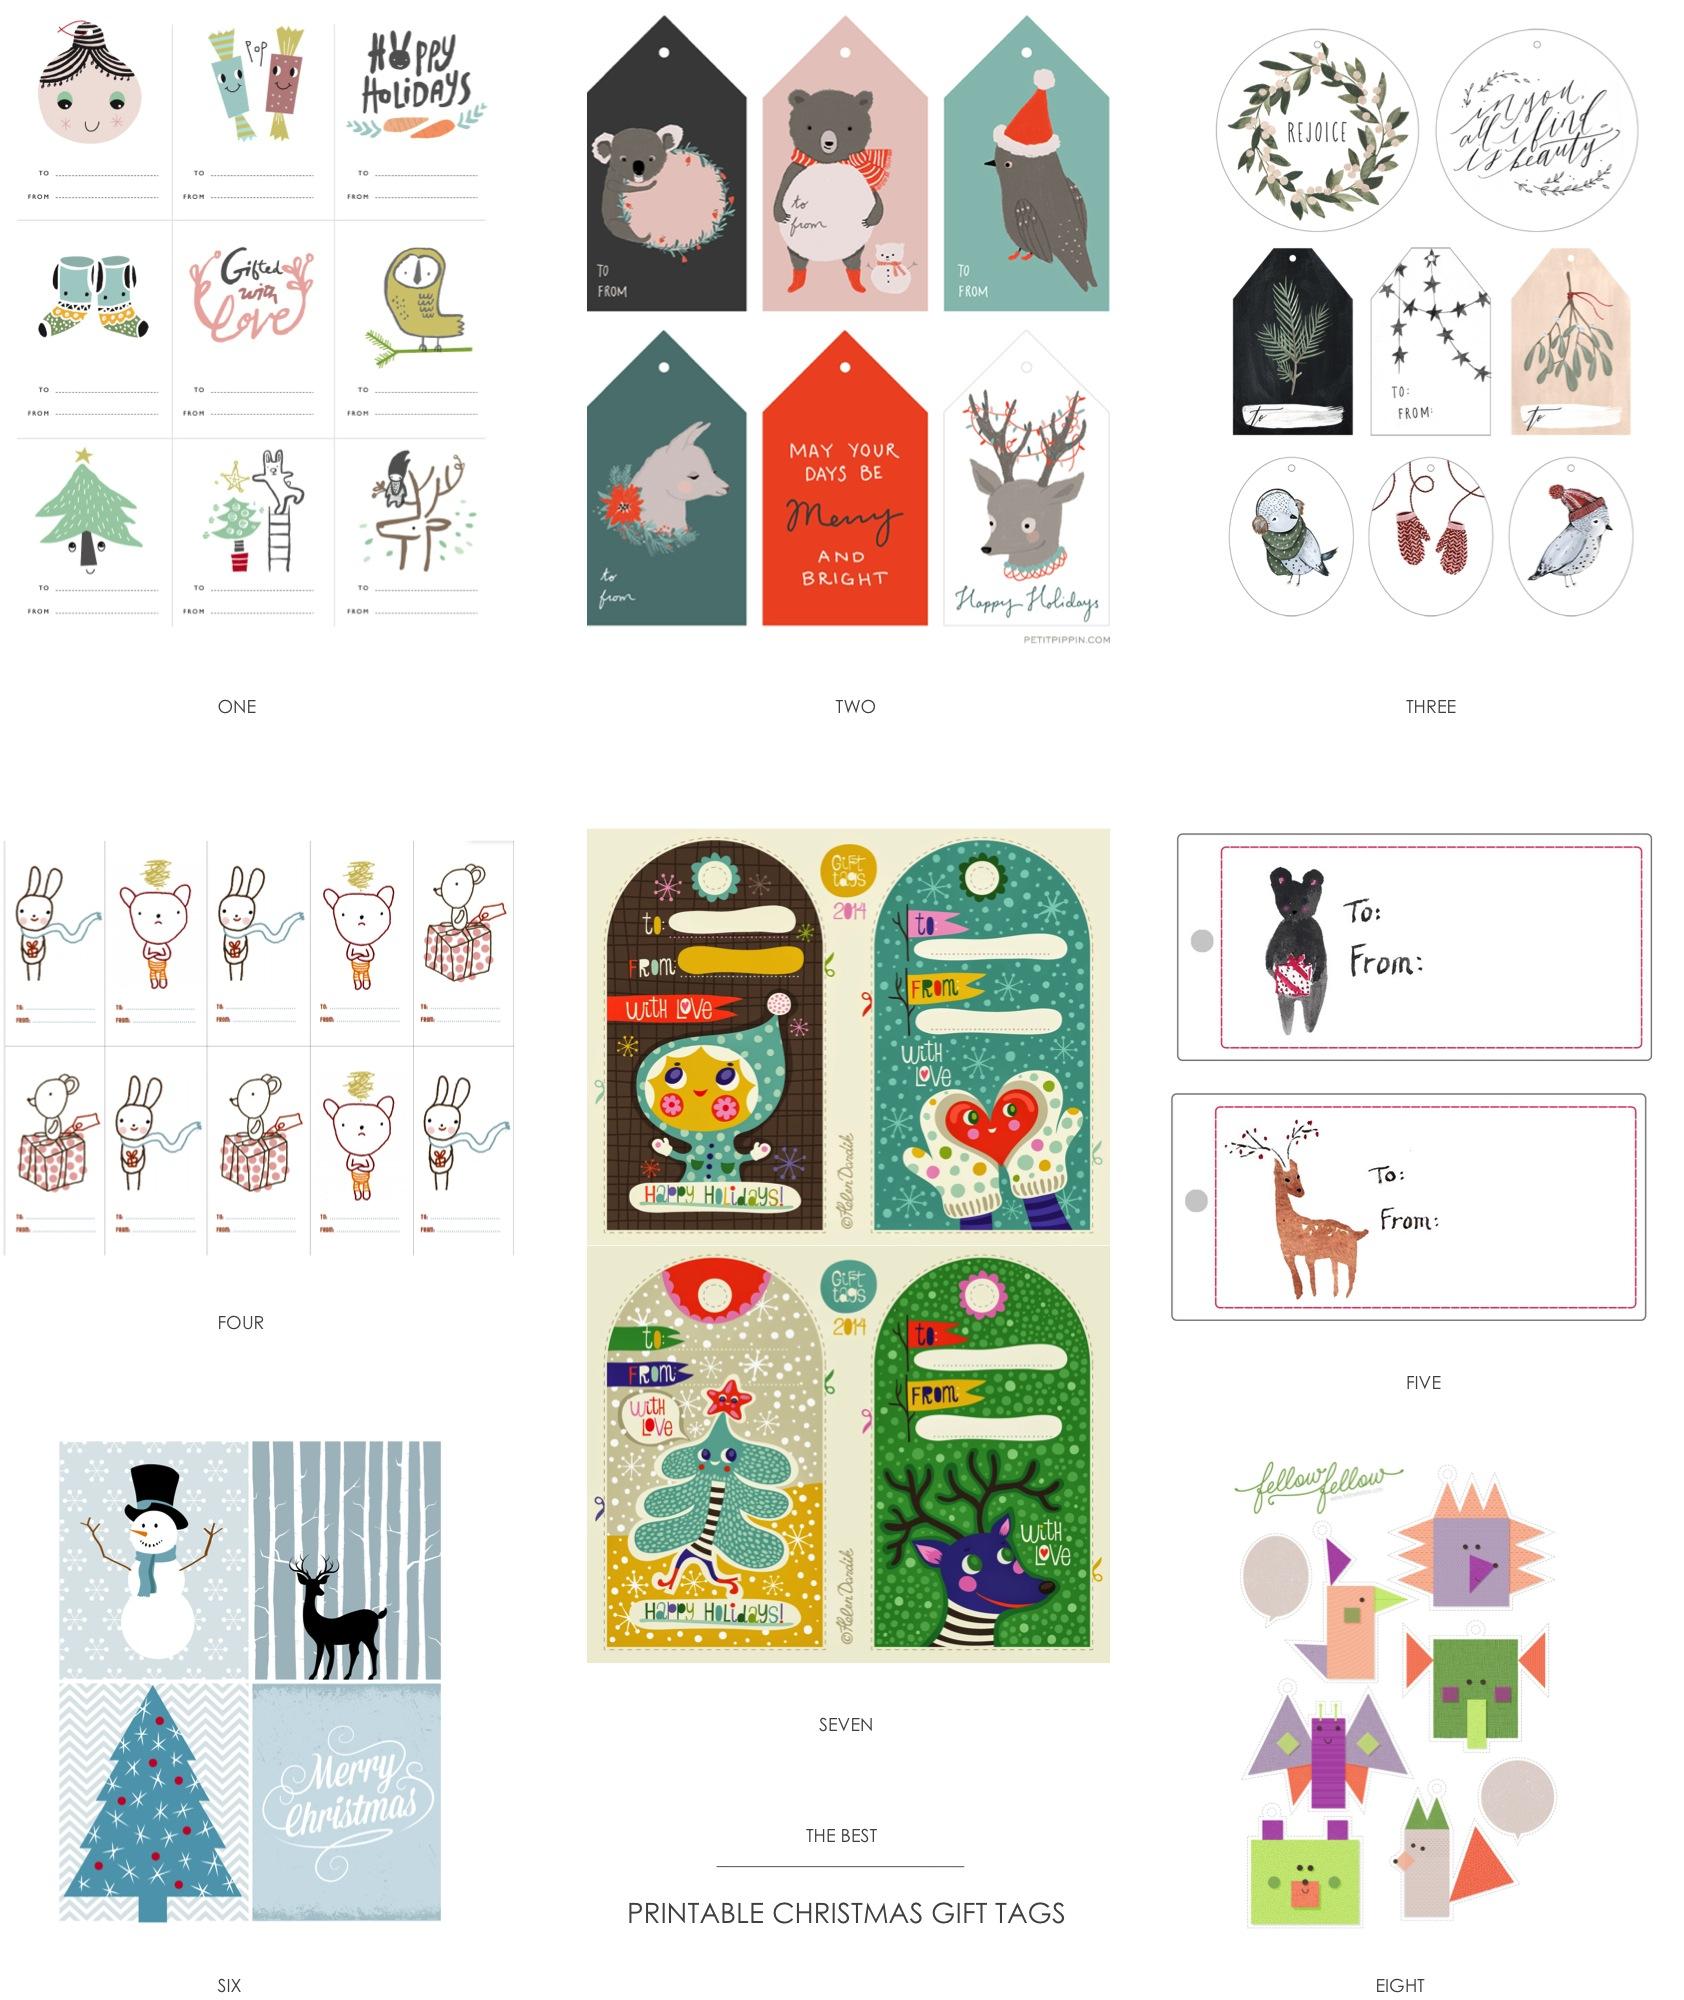 Free Printable Chrismas Gift Tags Diy Home Decor Your Diy Family